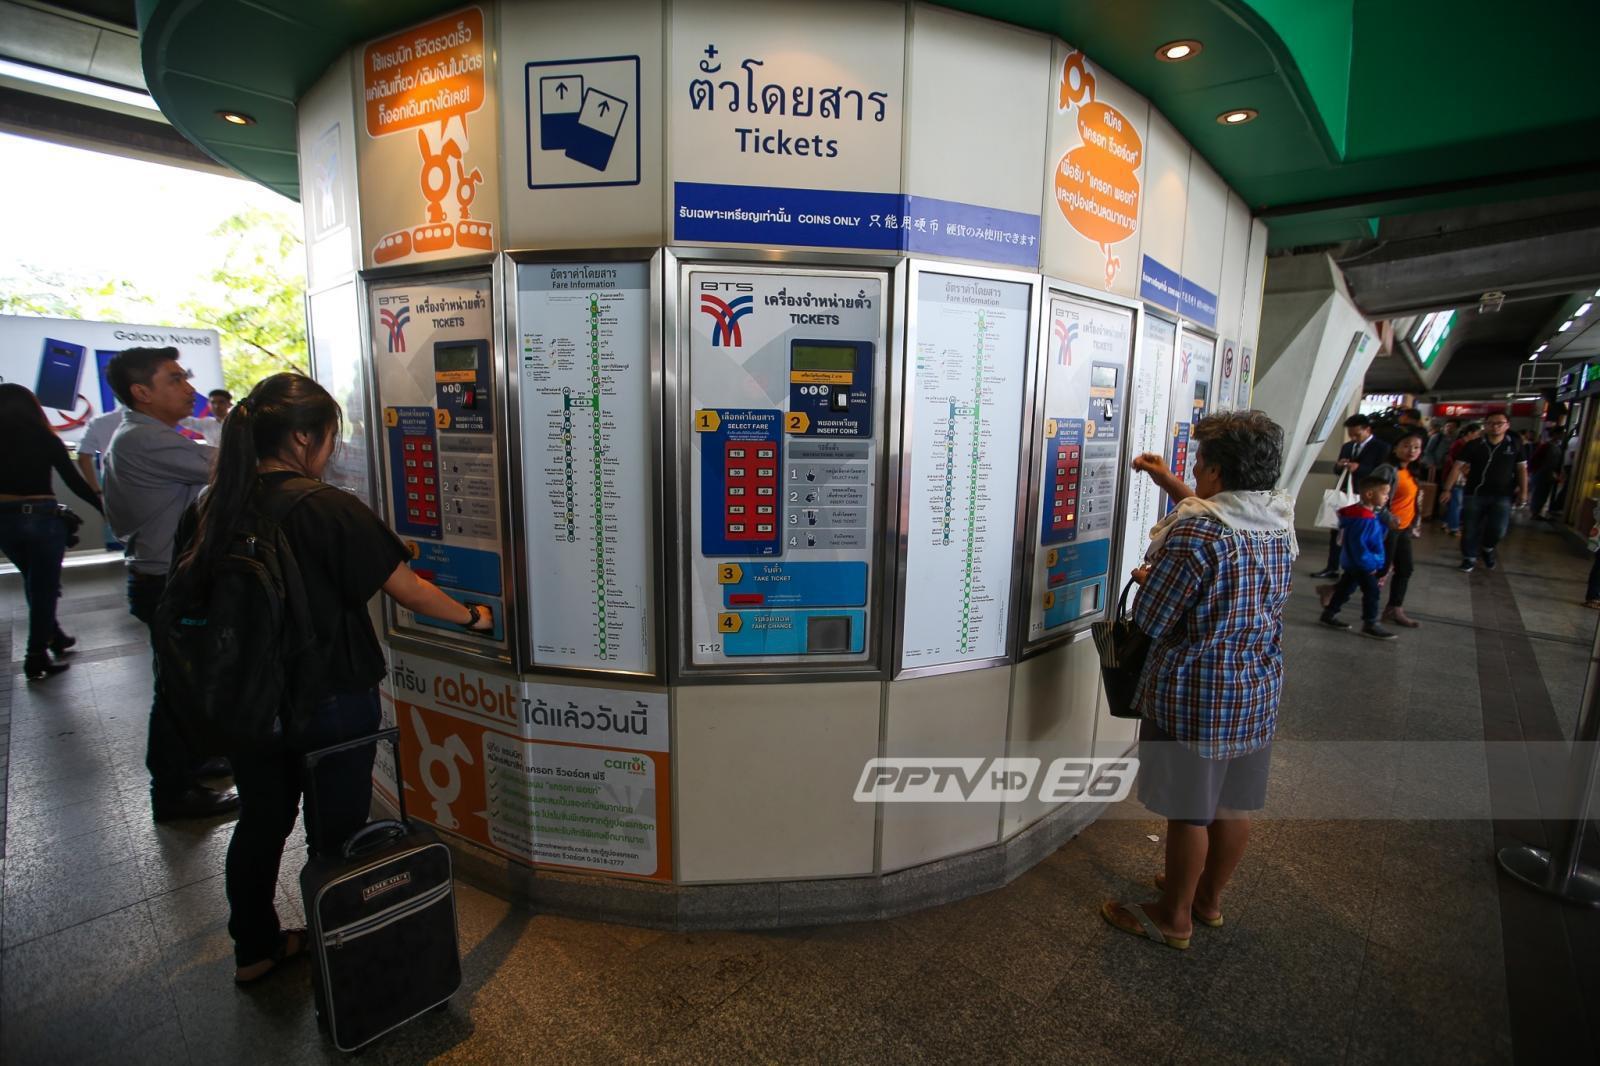 ซื้อบัตรโดยสารรถไฟฟ้า 15,000 บาทลดหย่อนภาษีได้เพื่อมนุษย์เงินเดือนจริงหรือ?